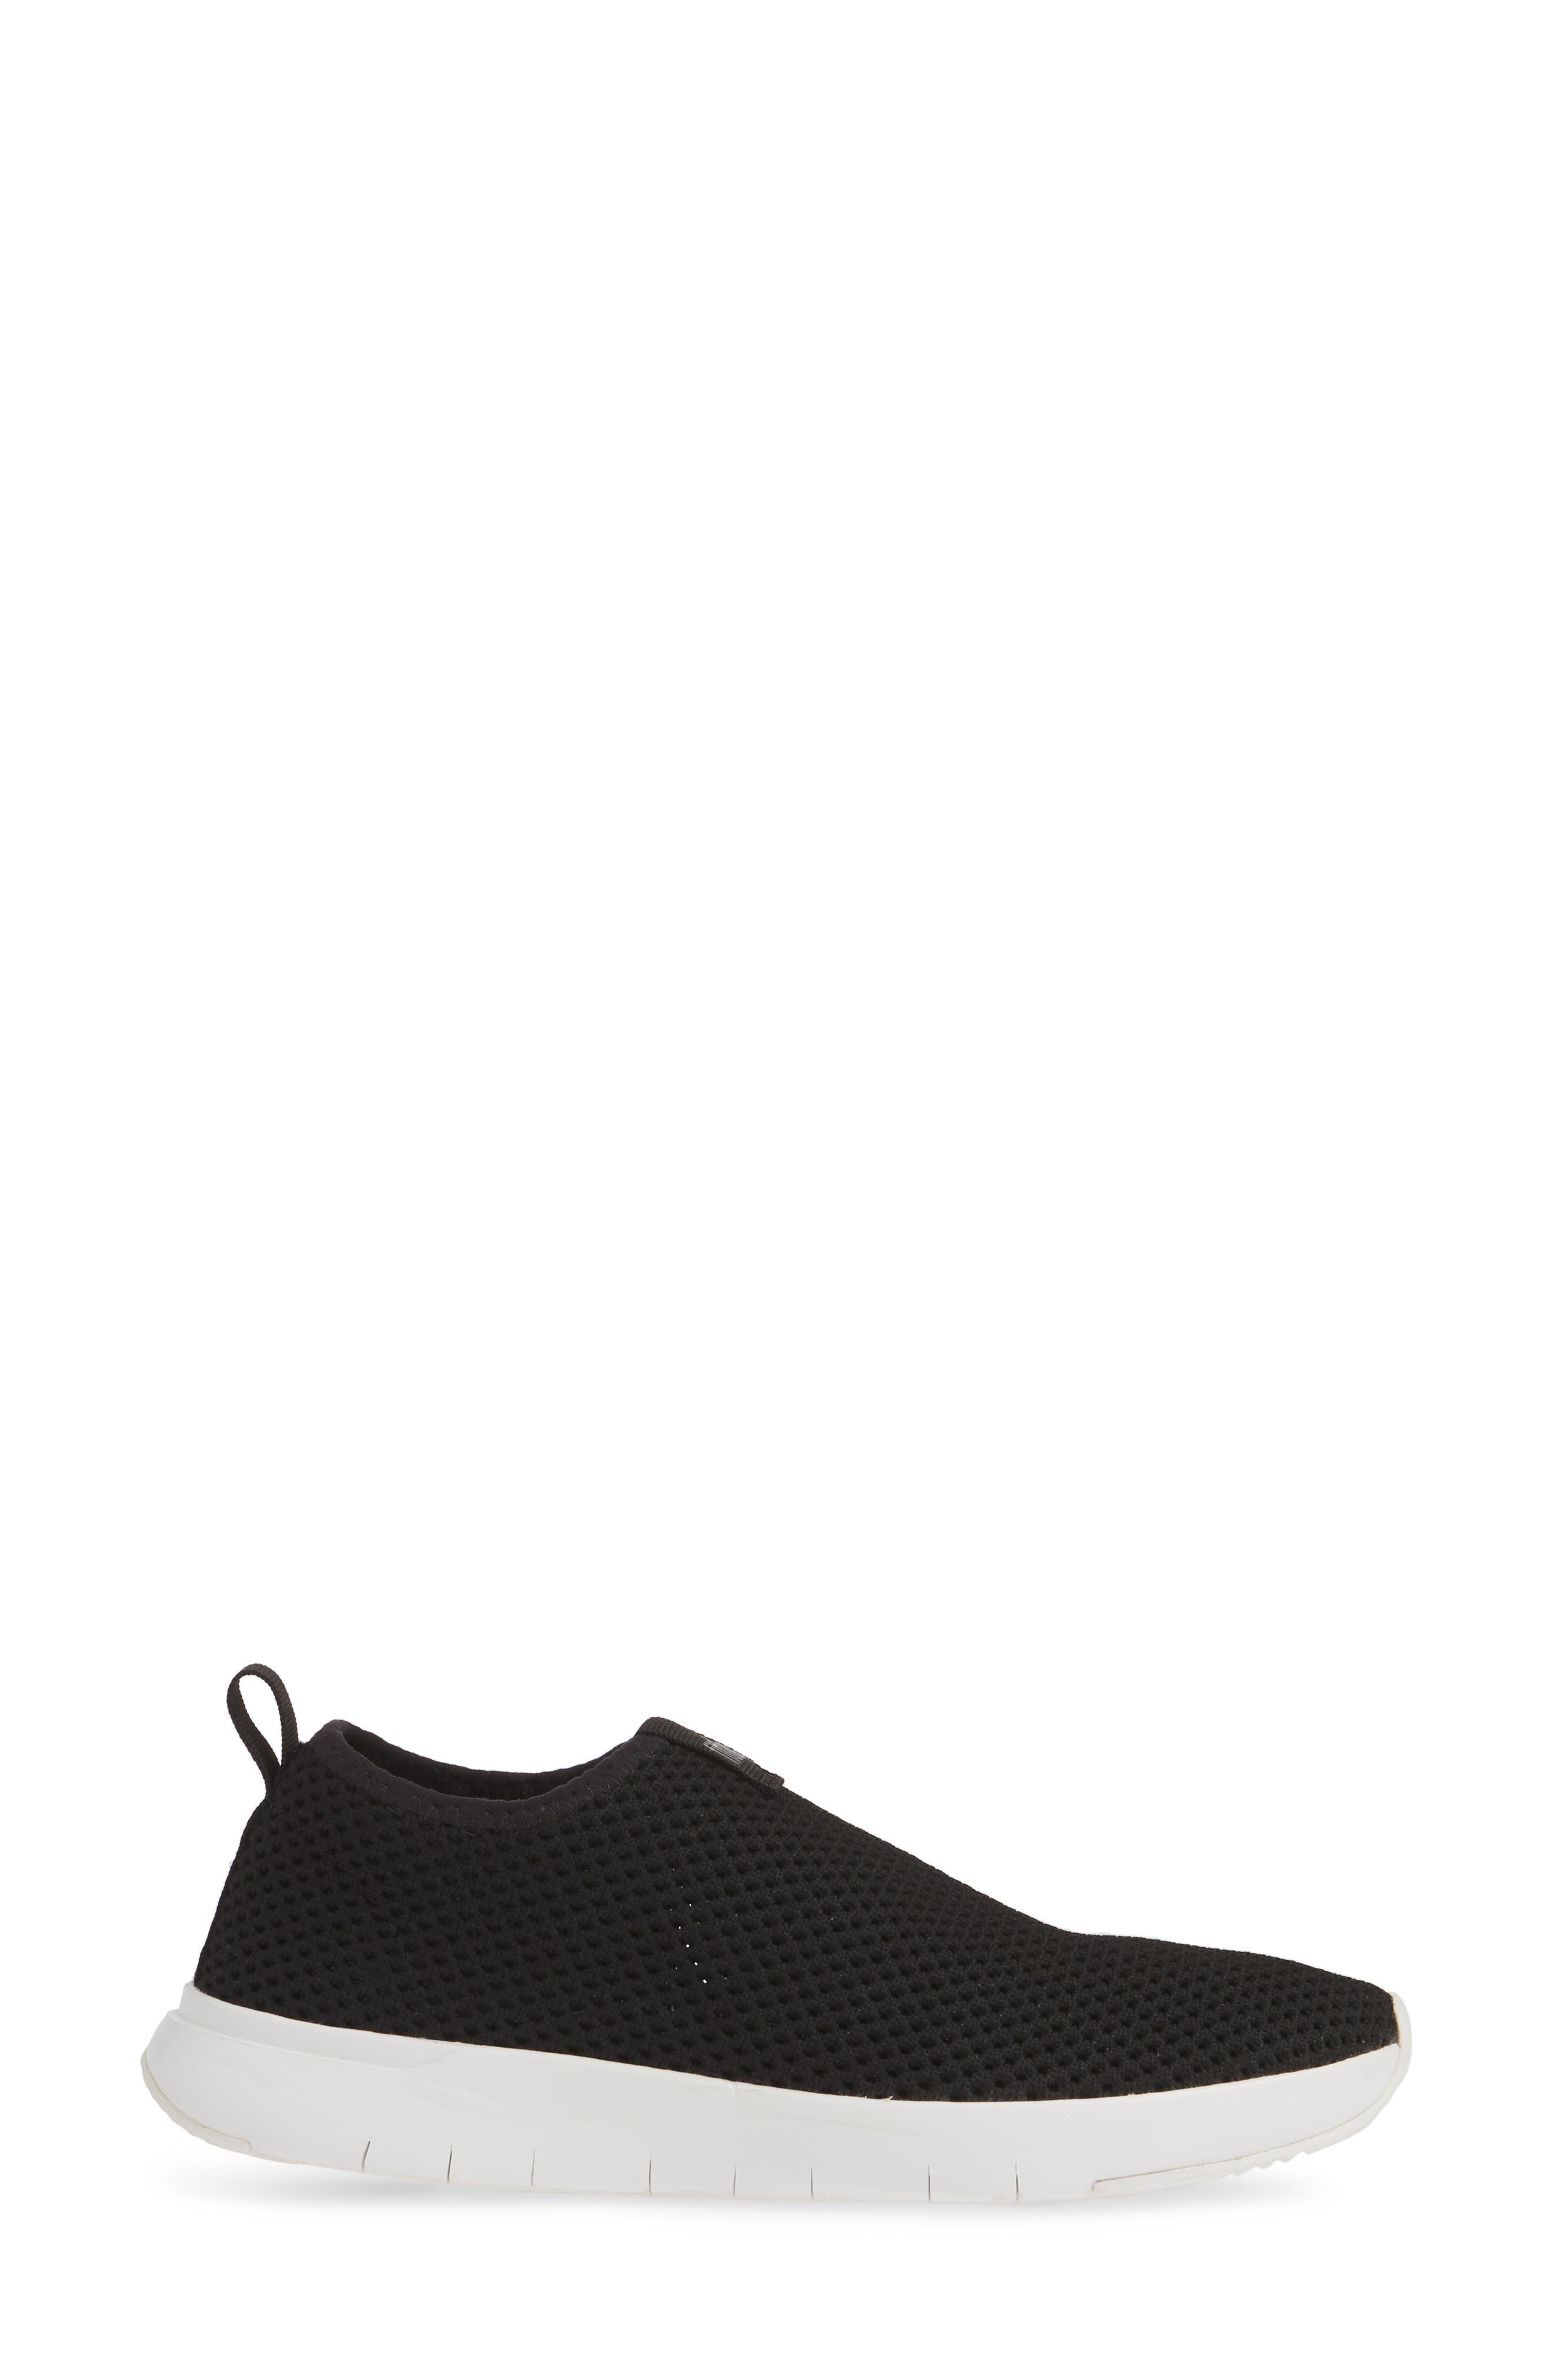 FITFLOP, Airmesh Slip-On Sneaker, Alternate thumbnail 3, color, BLACK